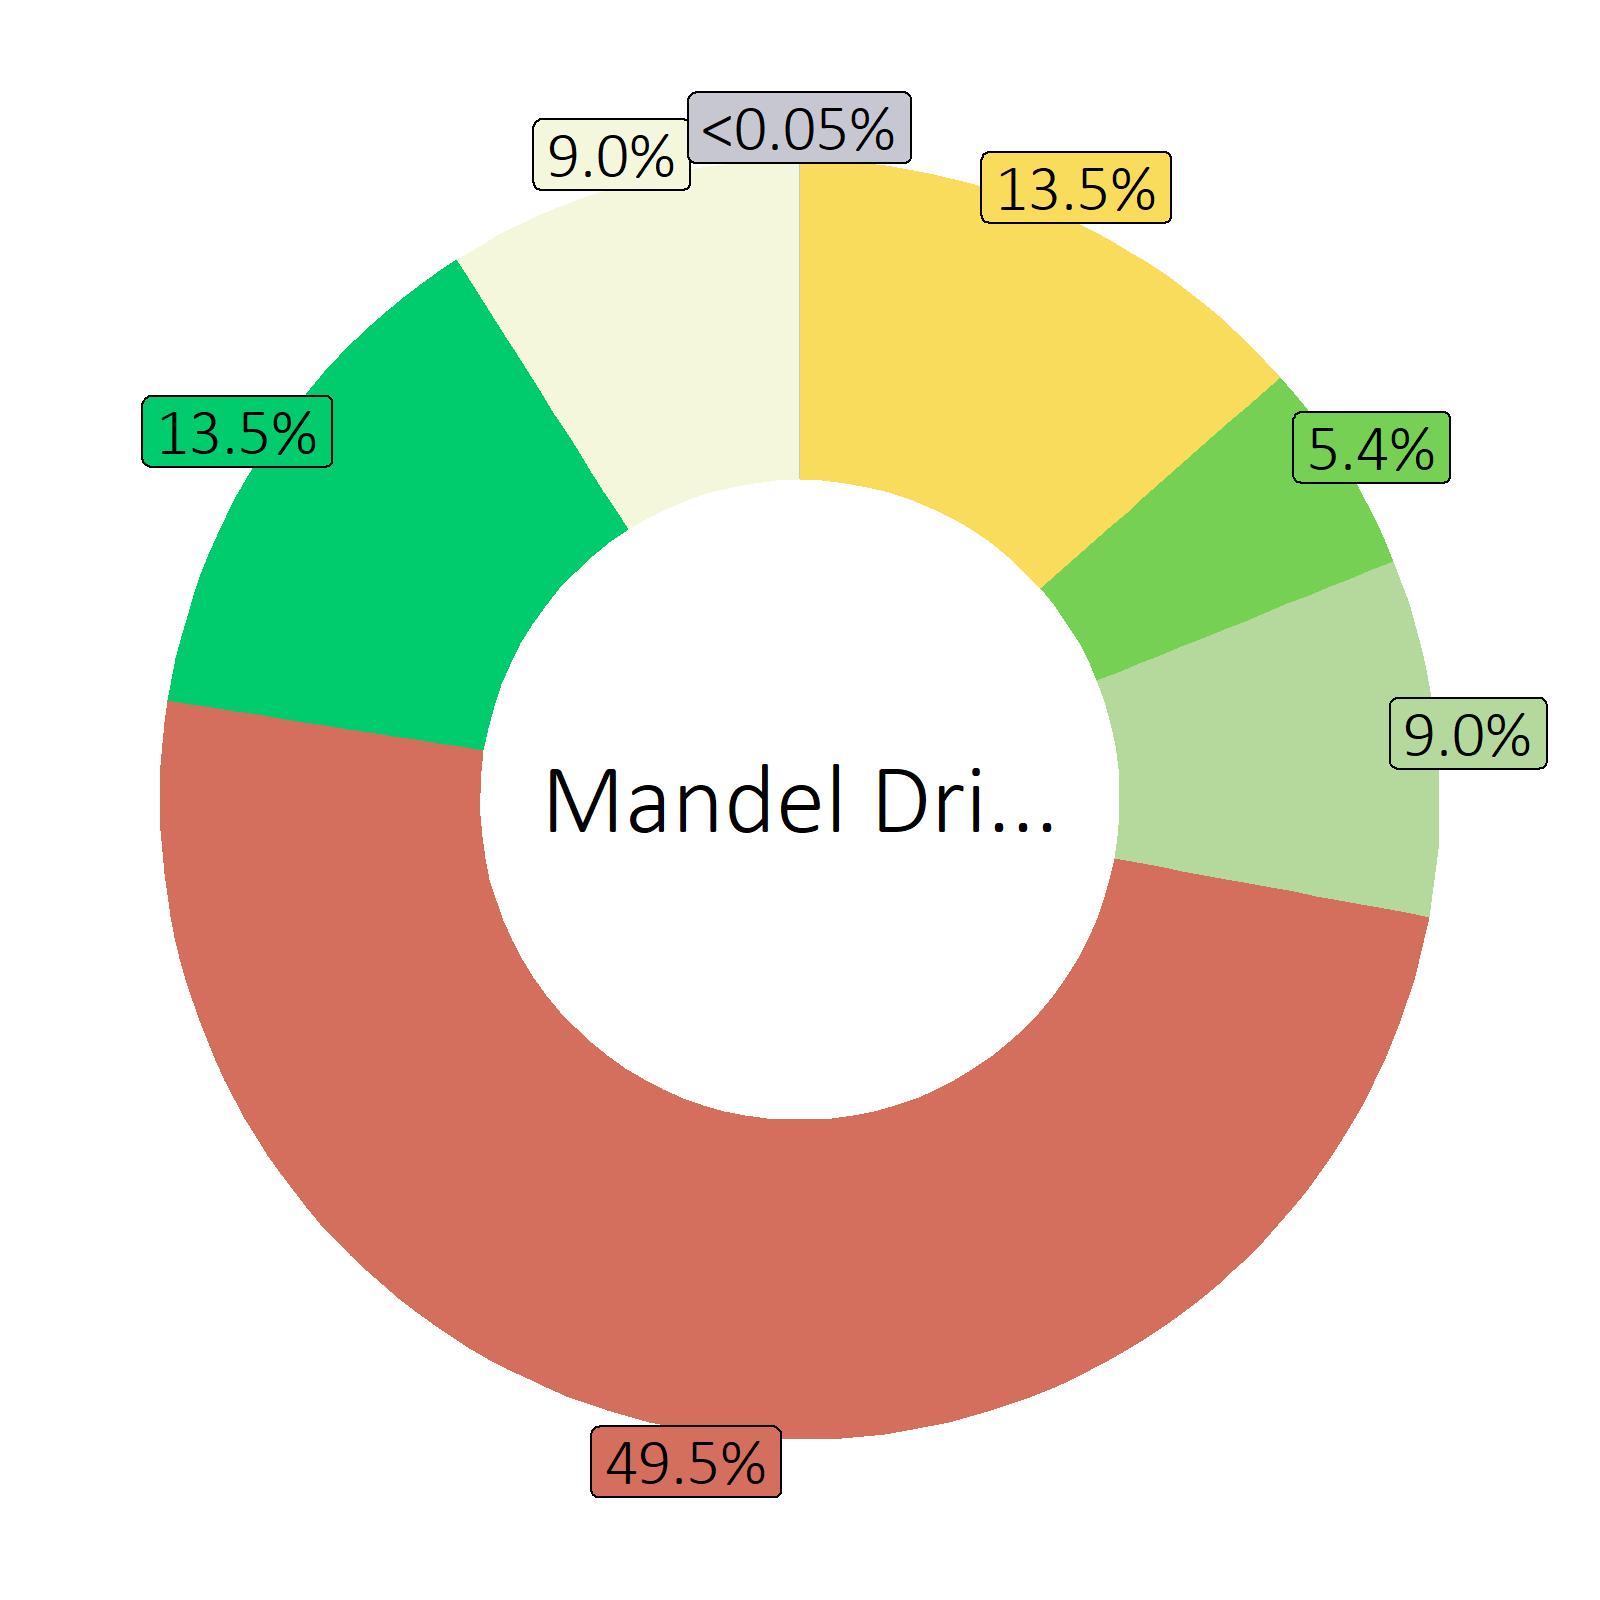 Bestandteile Mandel Drink, nature, Calcium und Vitaminen angereichert (Durchschnitt von Markenprodukten)